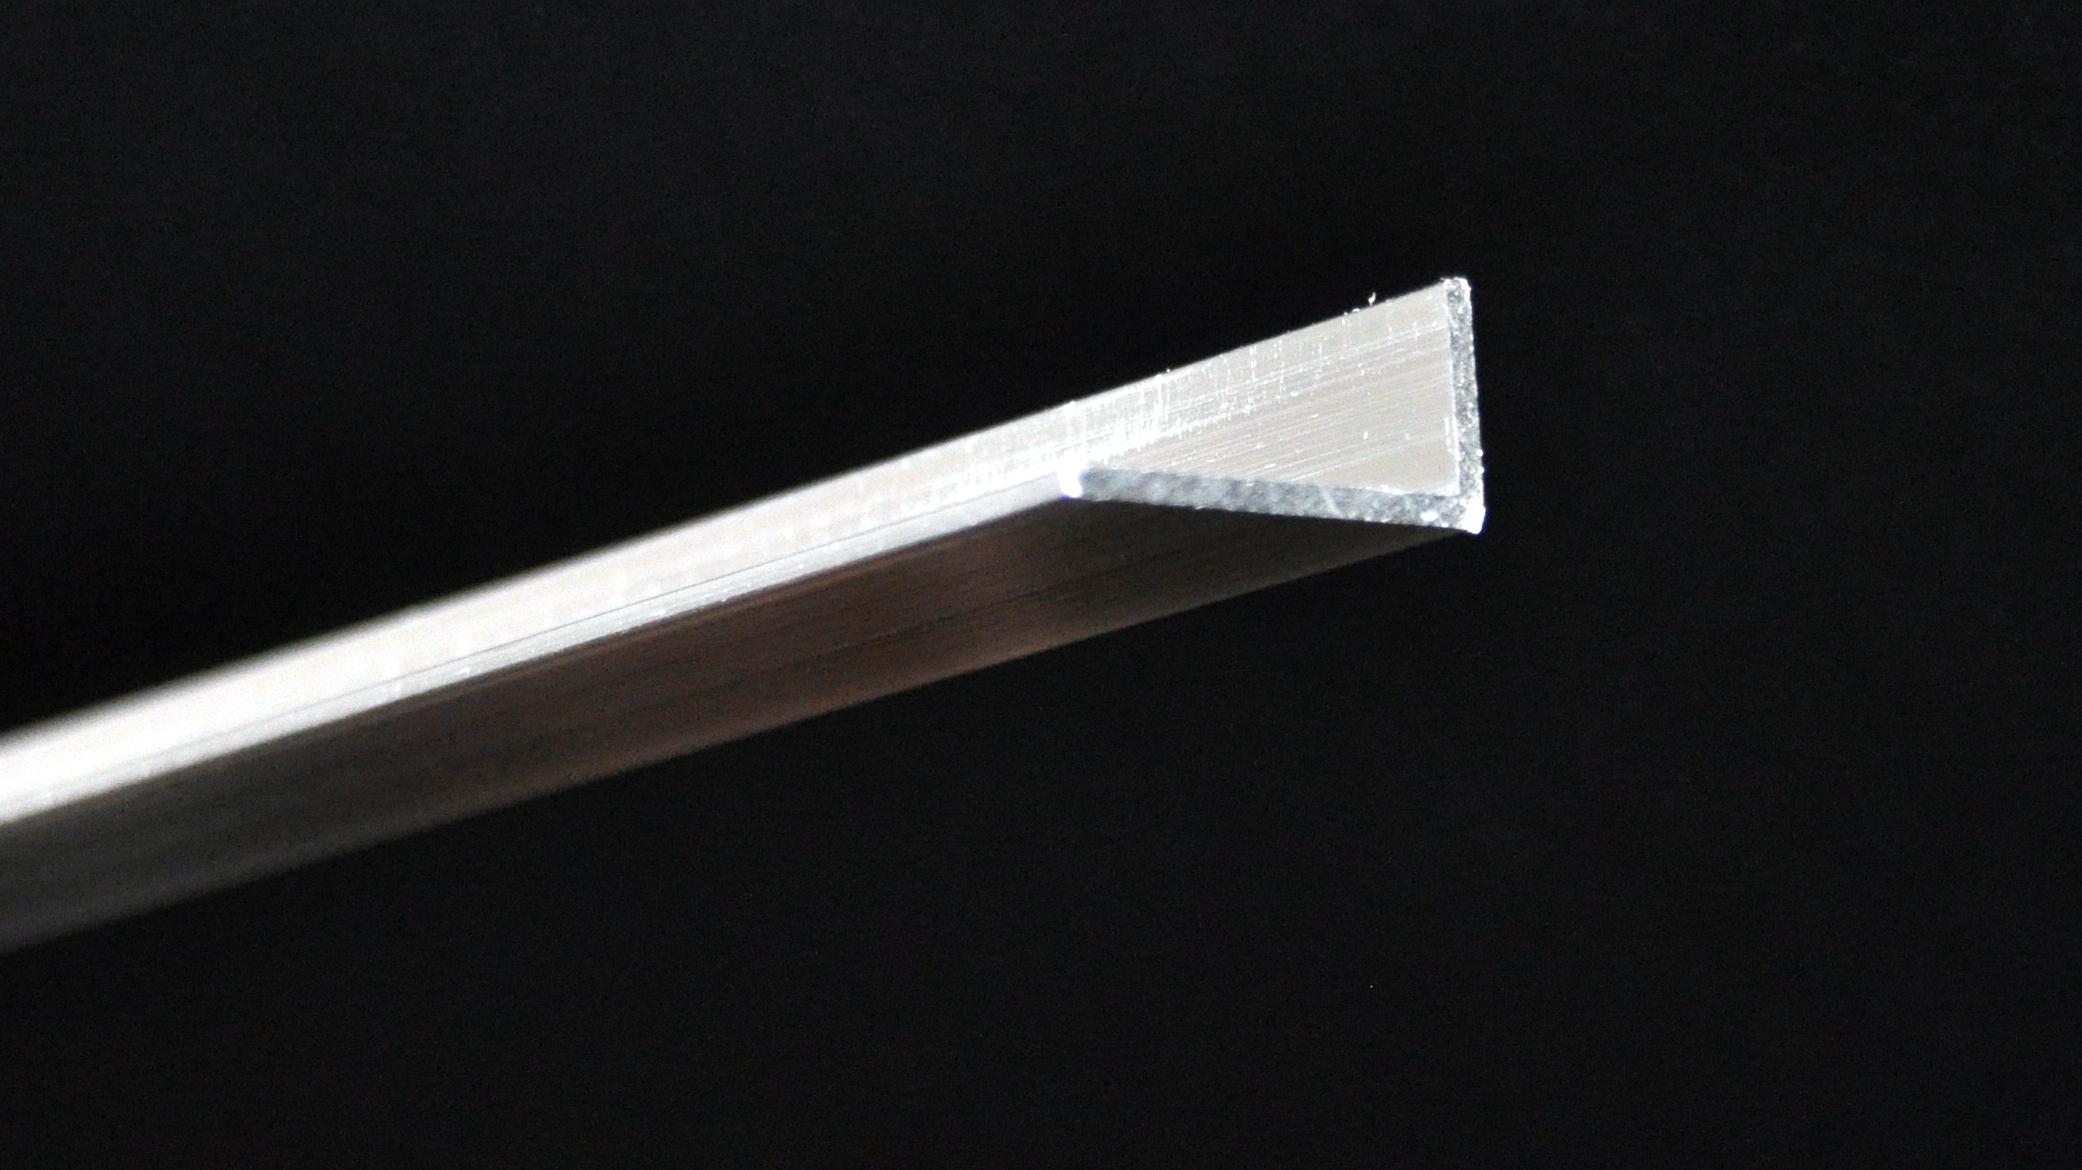 DSC_0459_a (Code – UEA25, Description – Unequal Angle, Measurement – 25mm X 12.5mm X 1.6mm, Length – 2.5m) – Copy